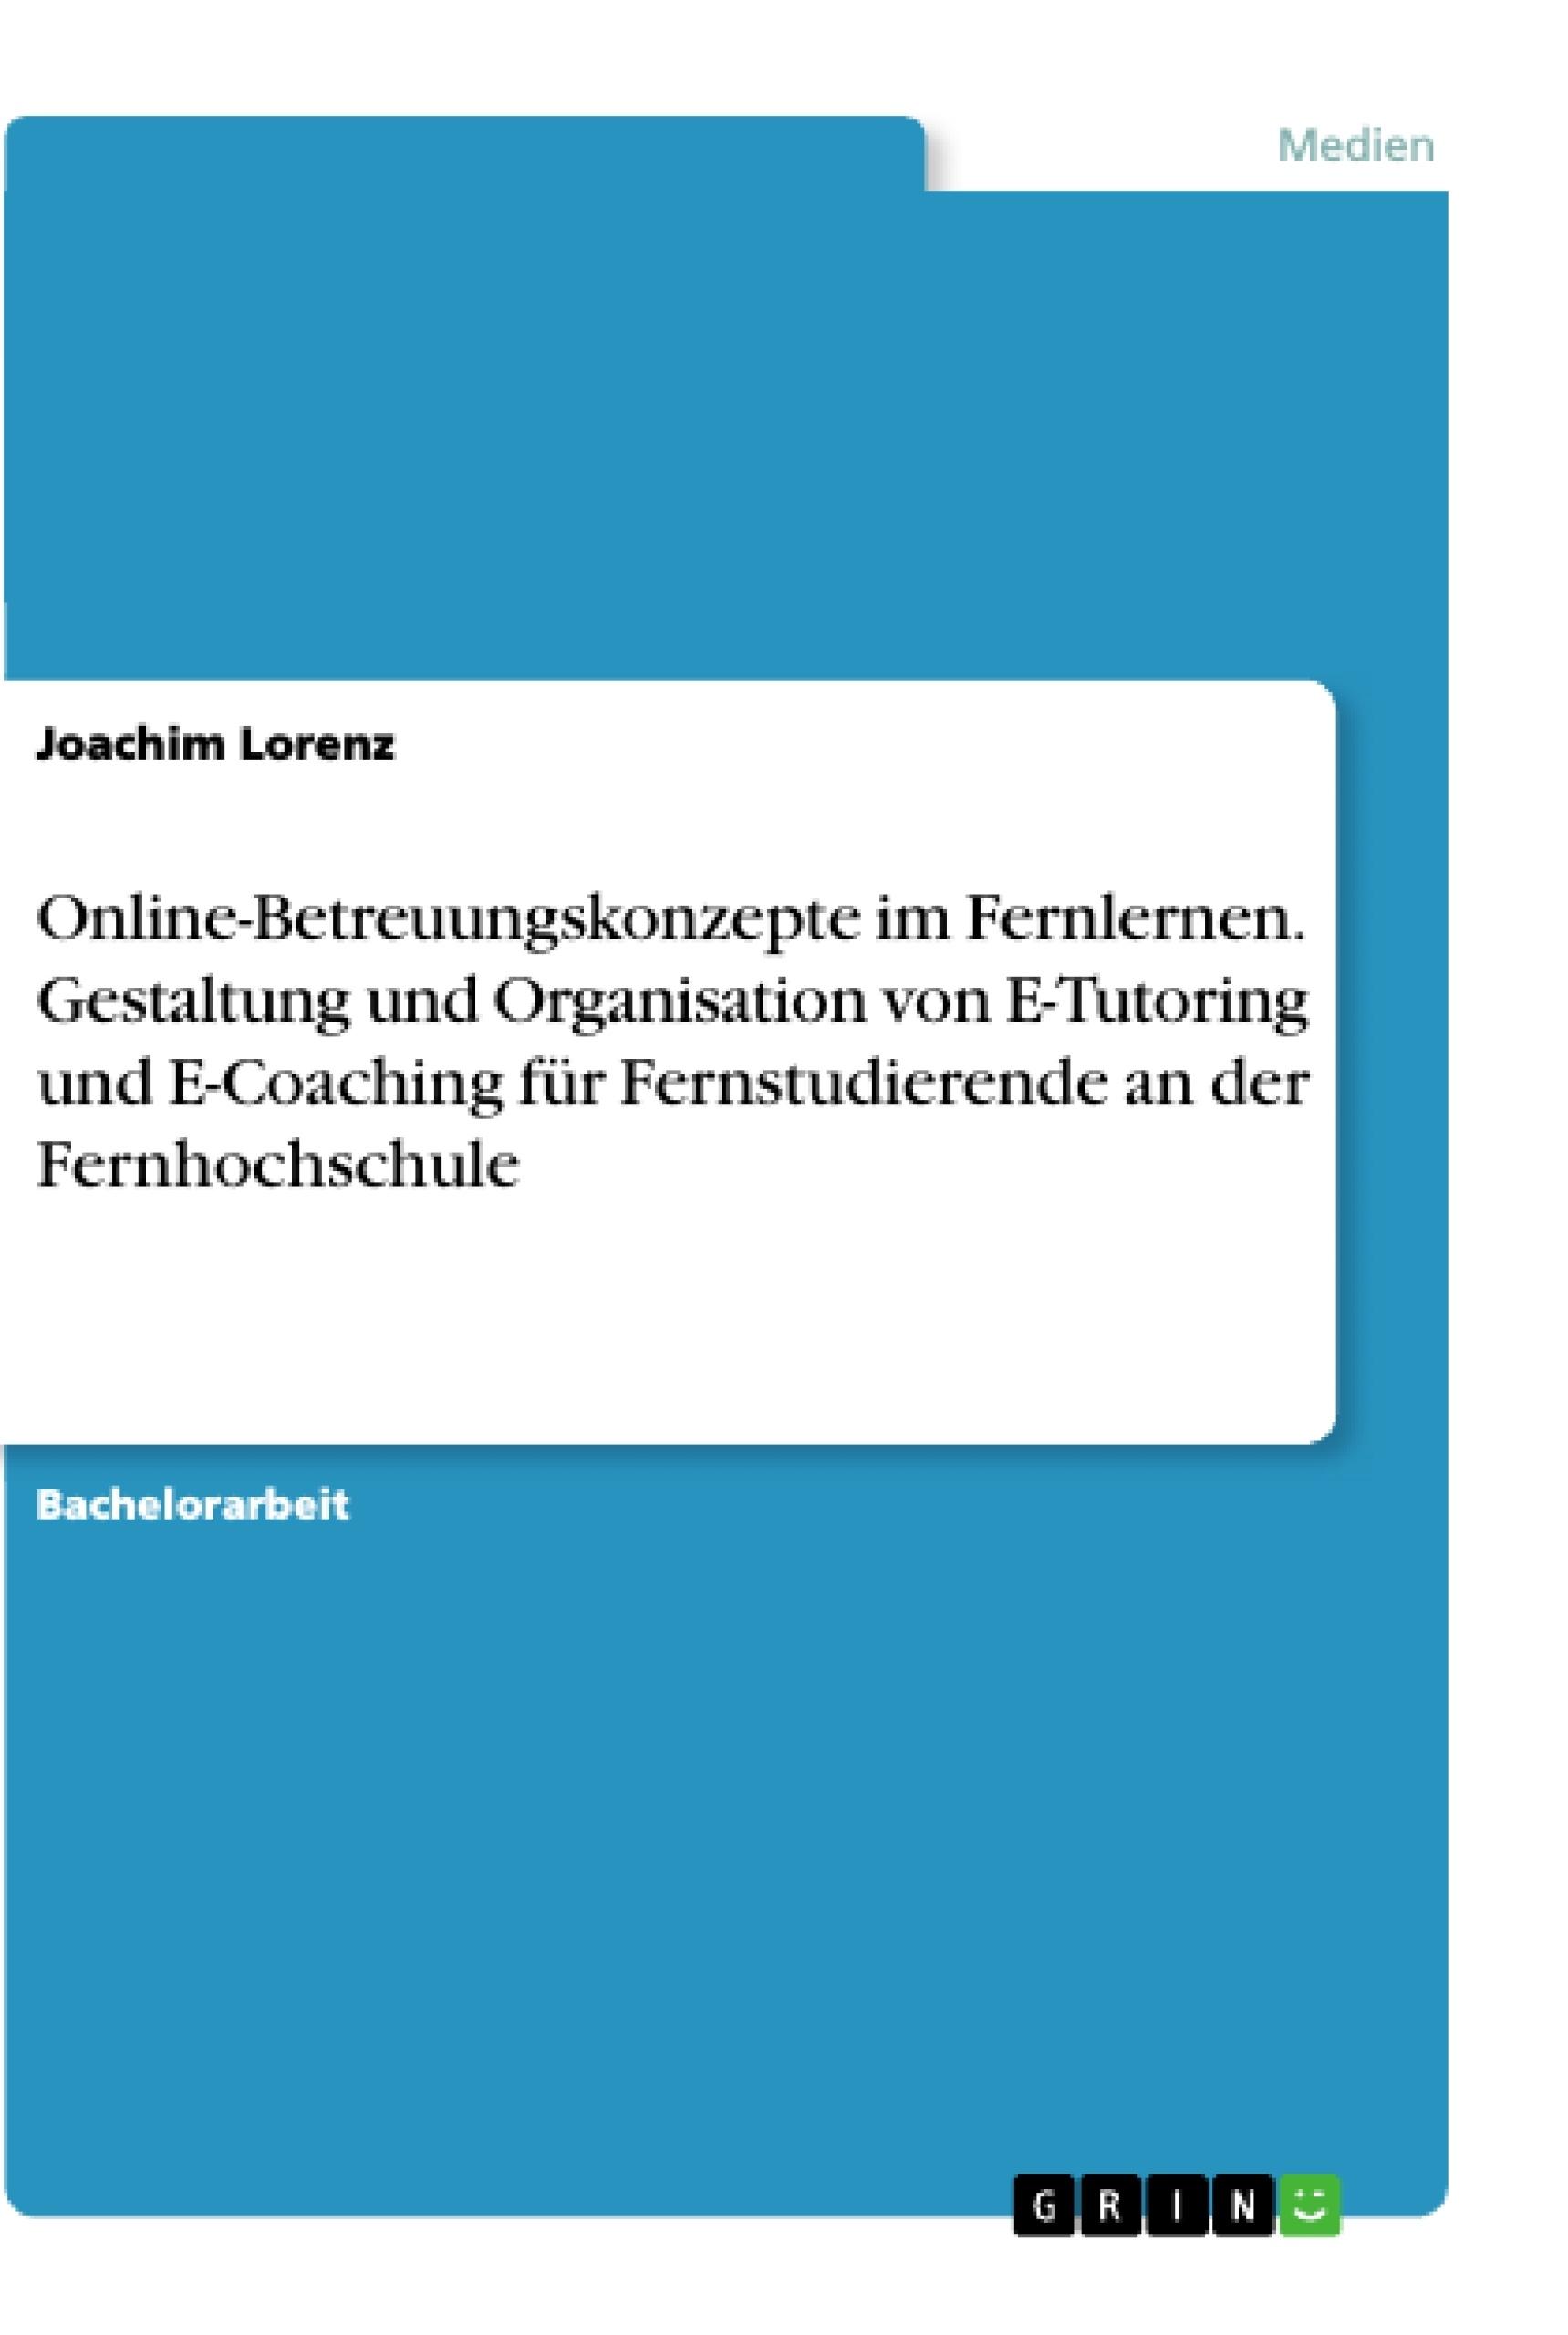 Titel: Online-Betreuungskonzepte im Fernlernen. Gestaltung und Organisation von E-Tutoring und  E-Coaching für Fernstudierende an der Fernhochschule